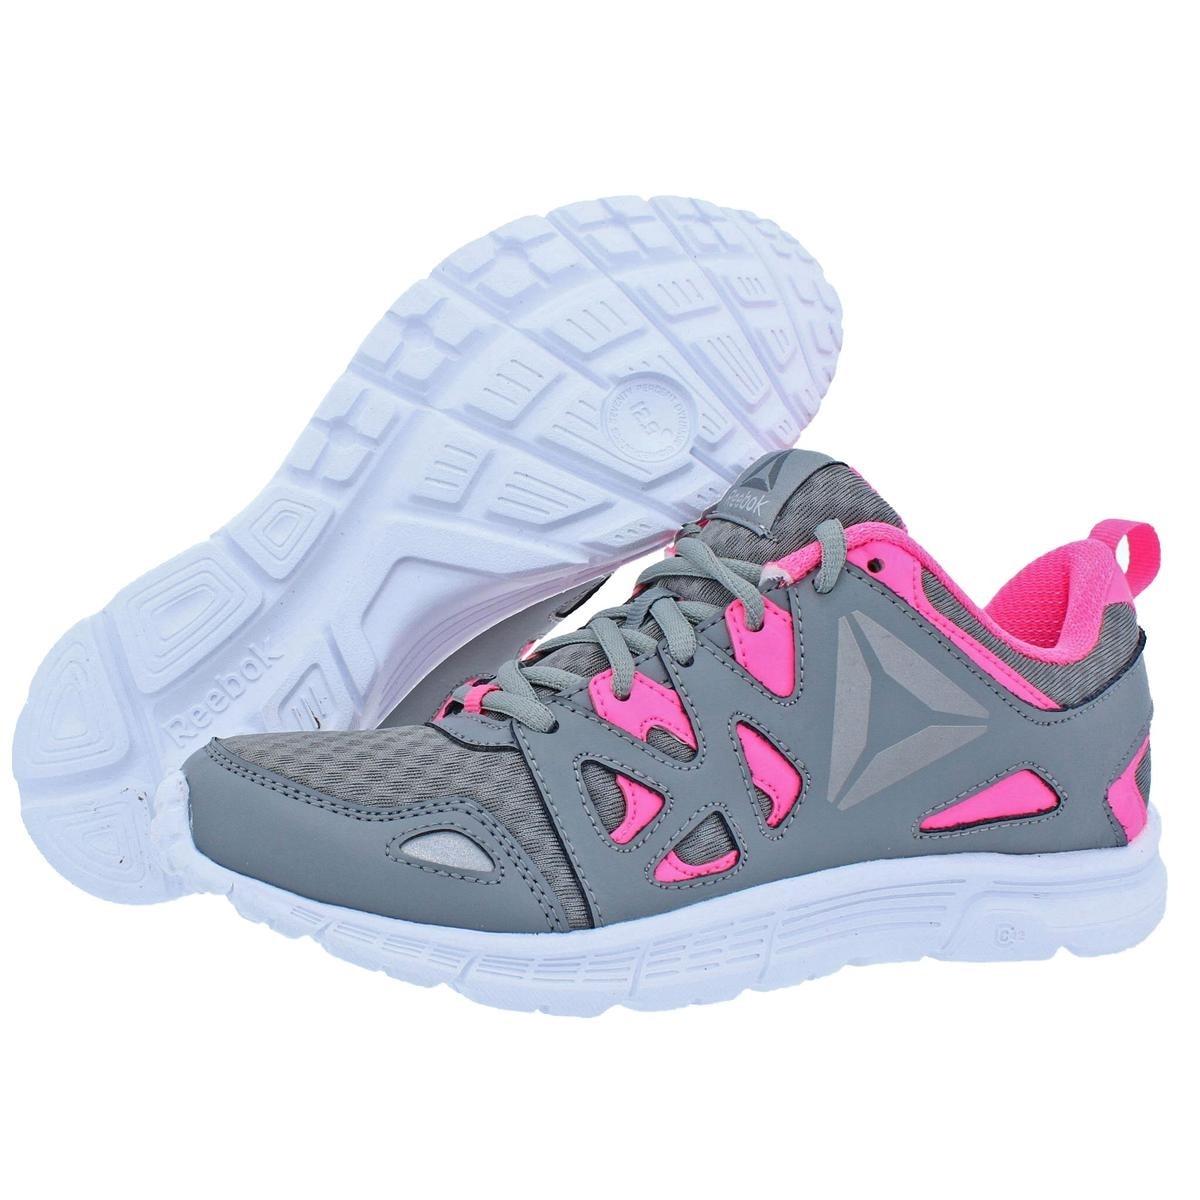 9c68b724da23 Shop Reebok Womens Run Supreme 3.0 MT Running Shoes Memory Tech ...